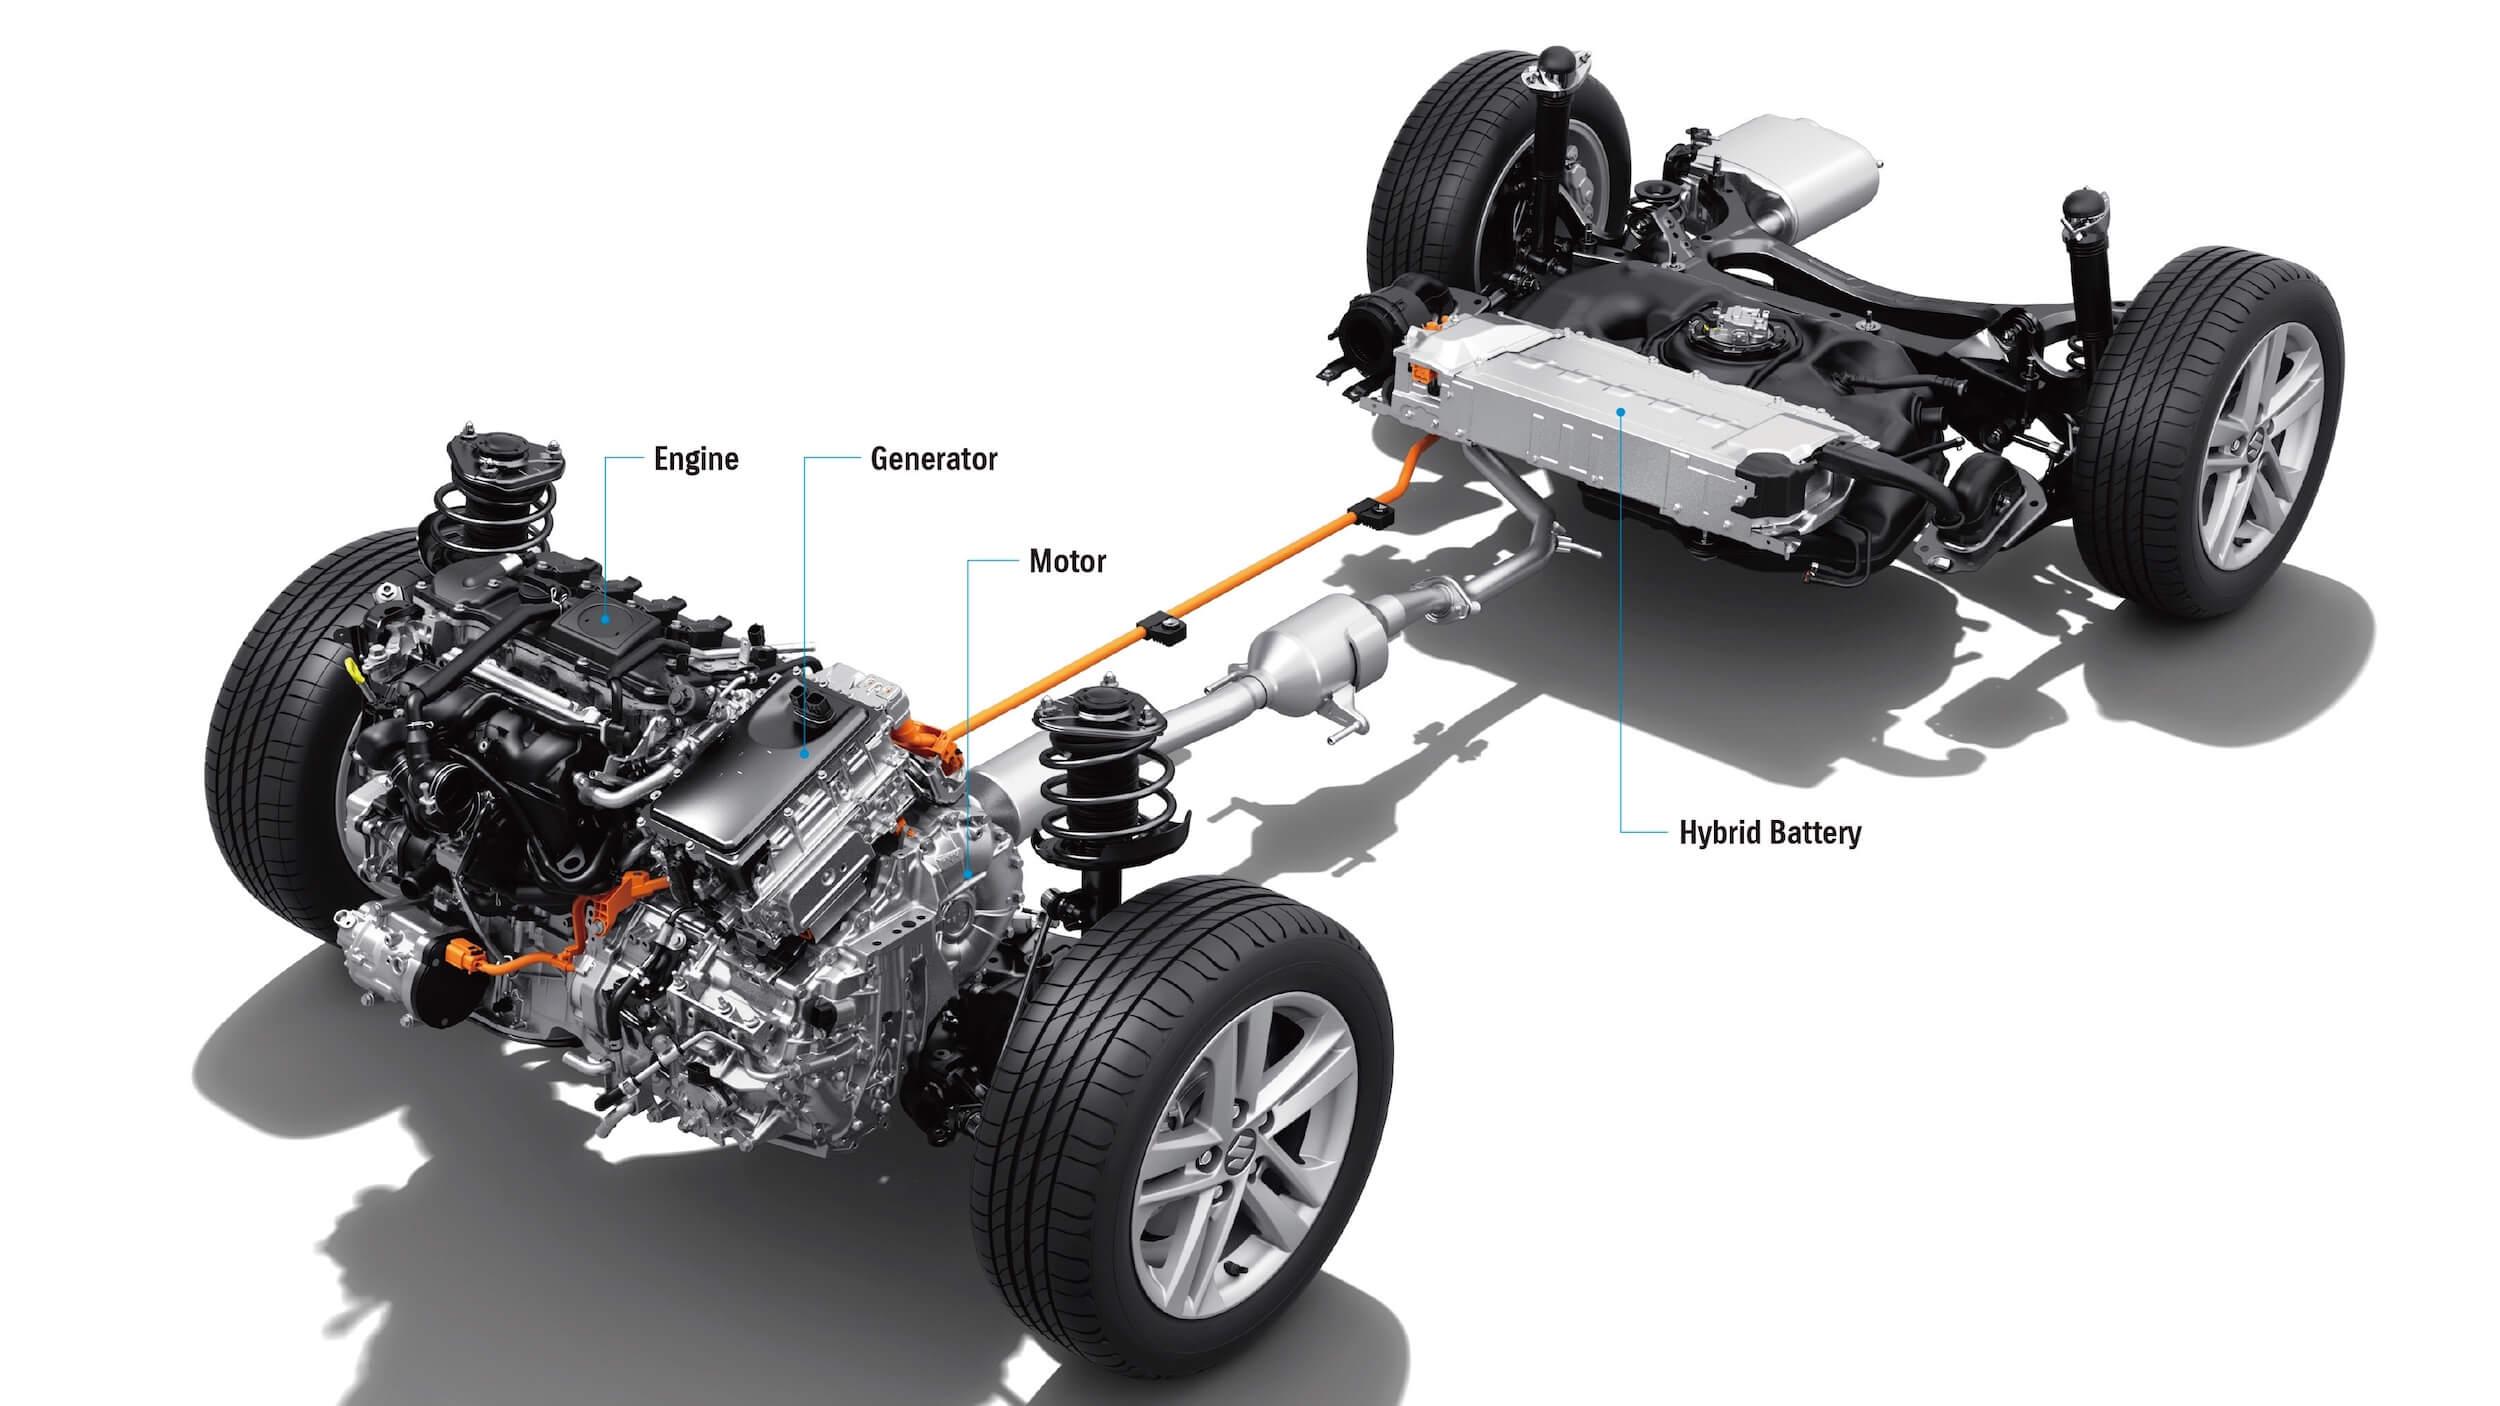 Suzuki Swace hybride aandrijflijn